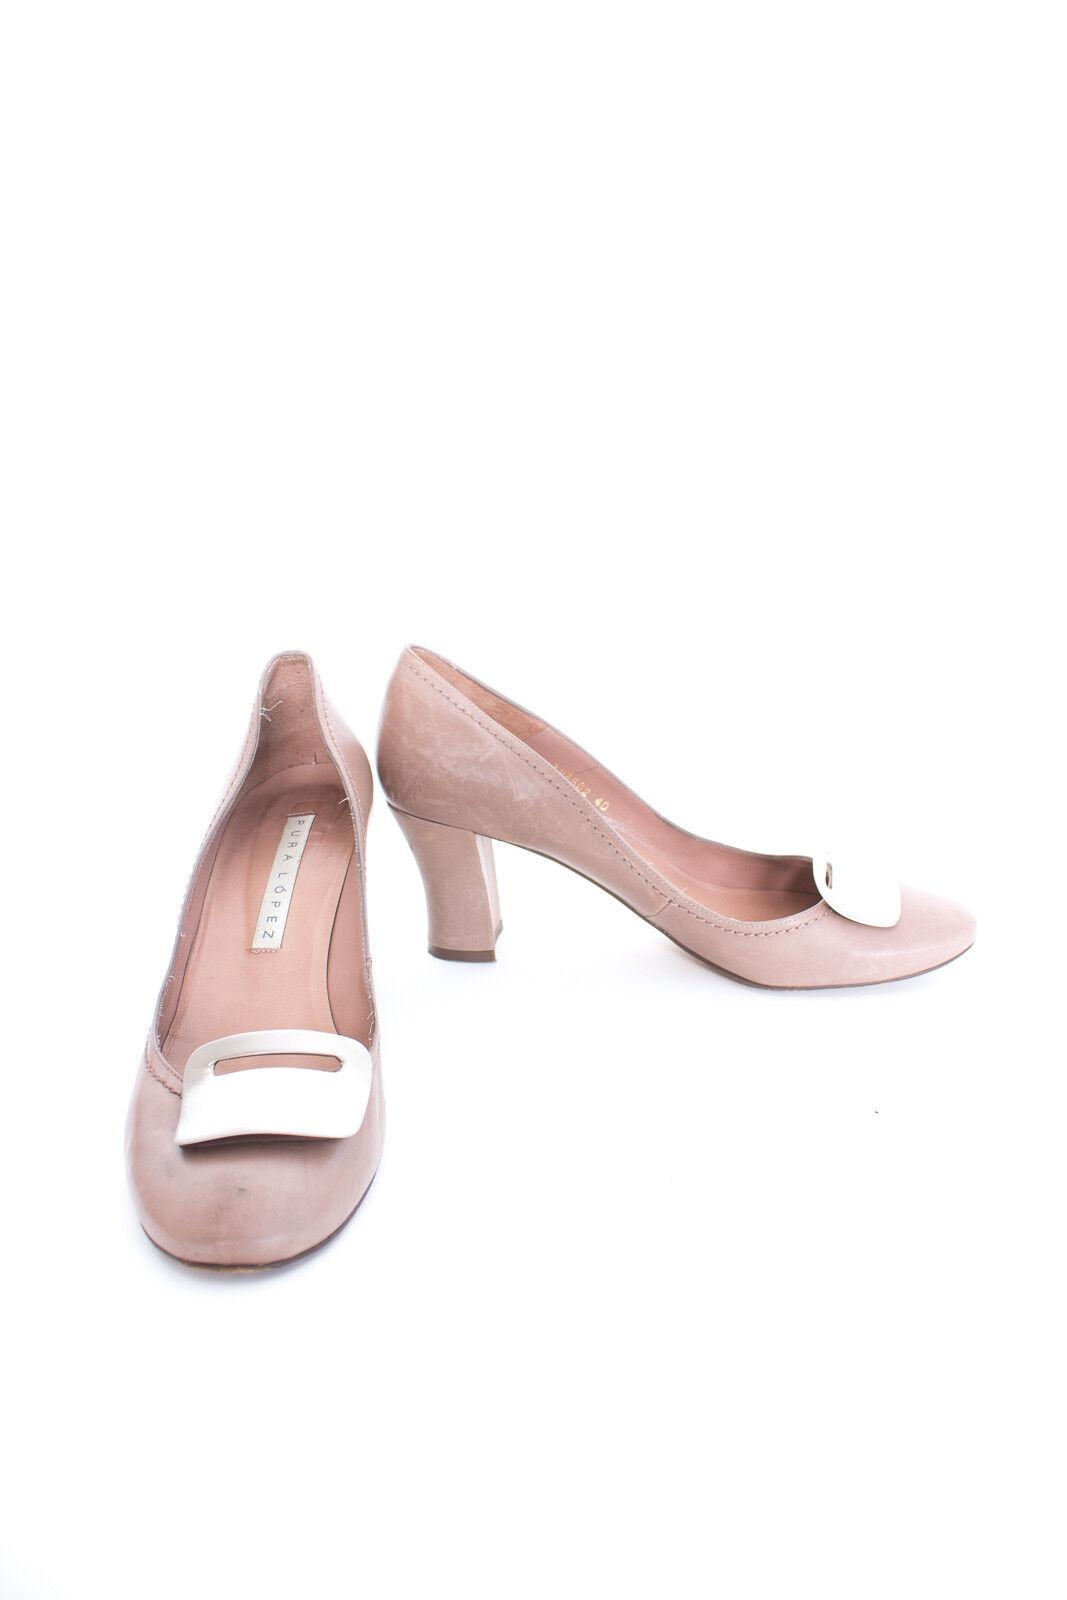 PURA LOPEZ Pumps Gr. EU 40 Damen Schuhe High Heels Beigerot Leder